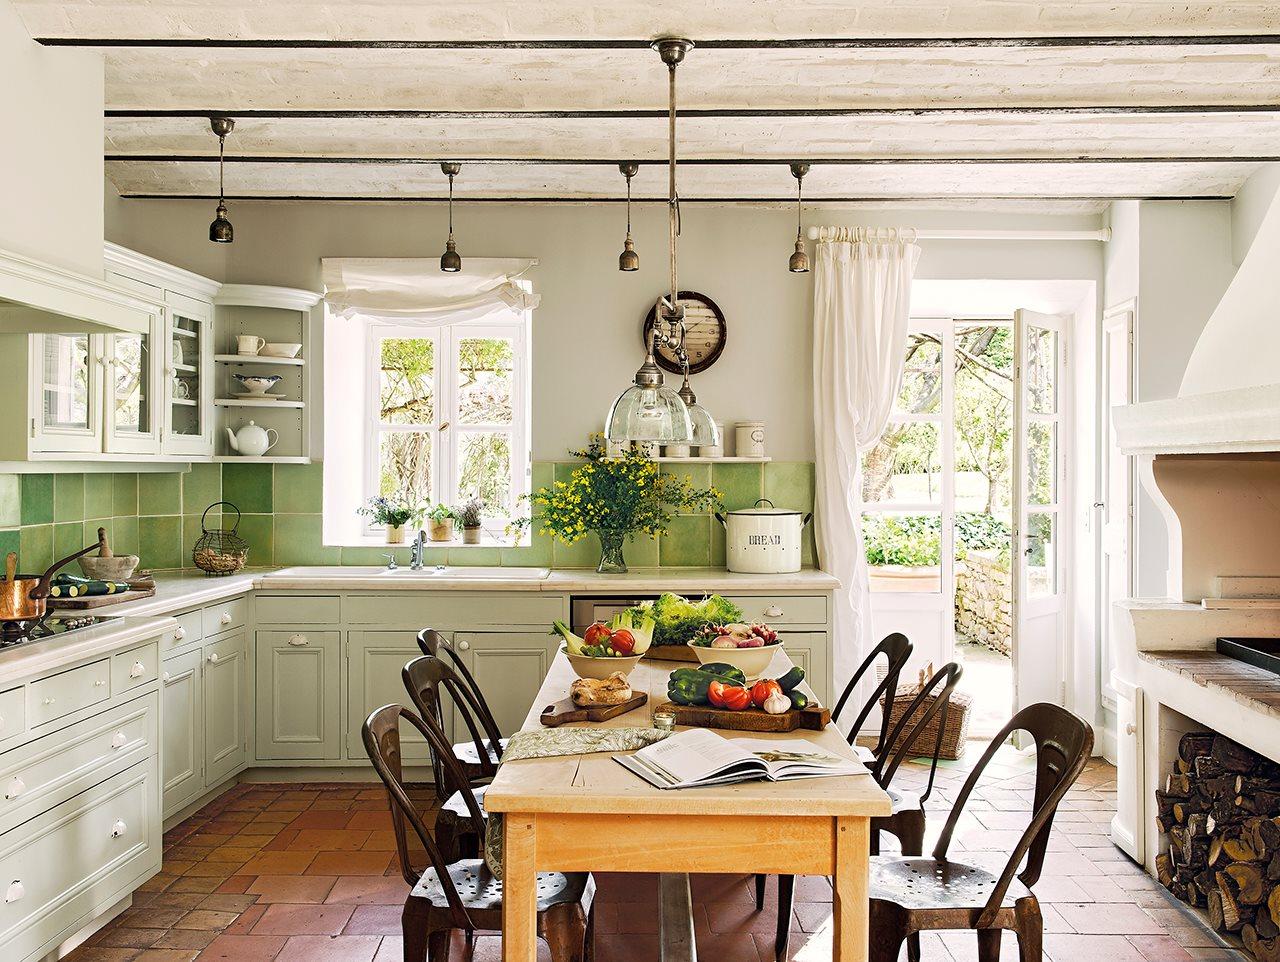 фото дизайн инфото кухни дизайн интерьератерьера